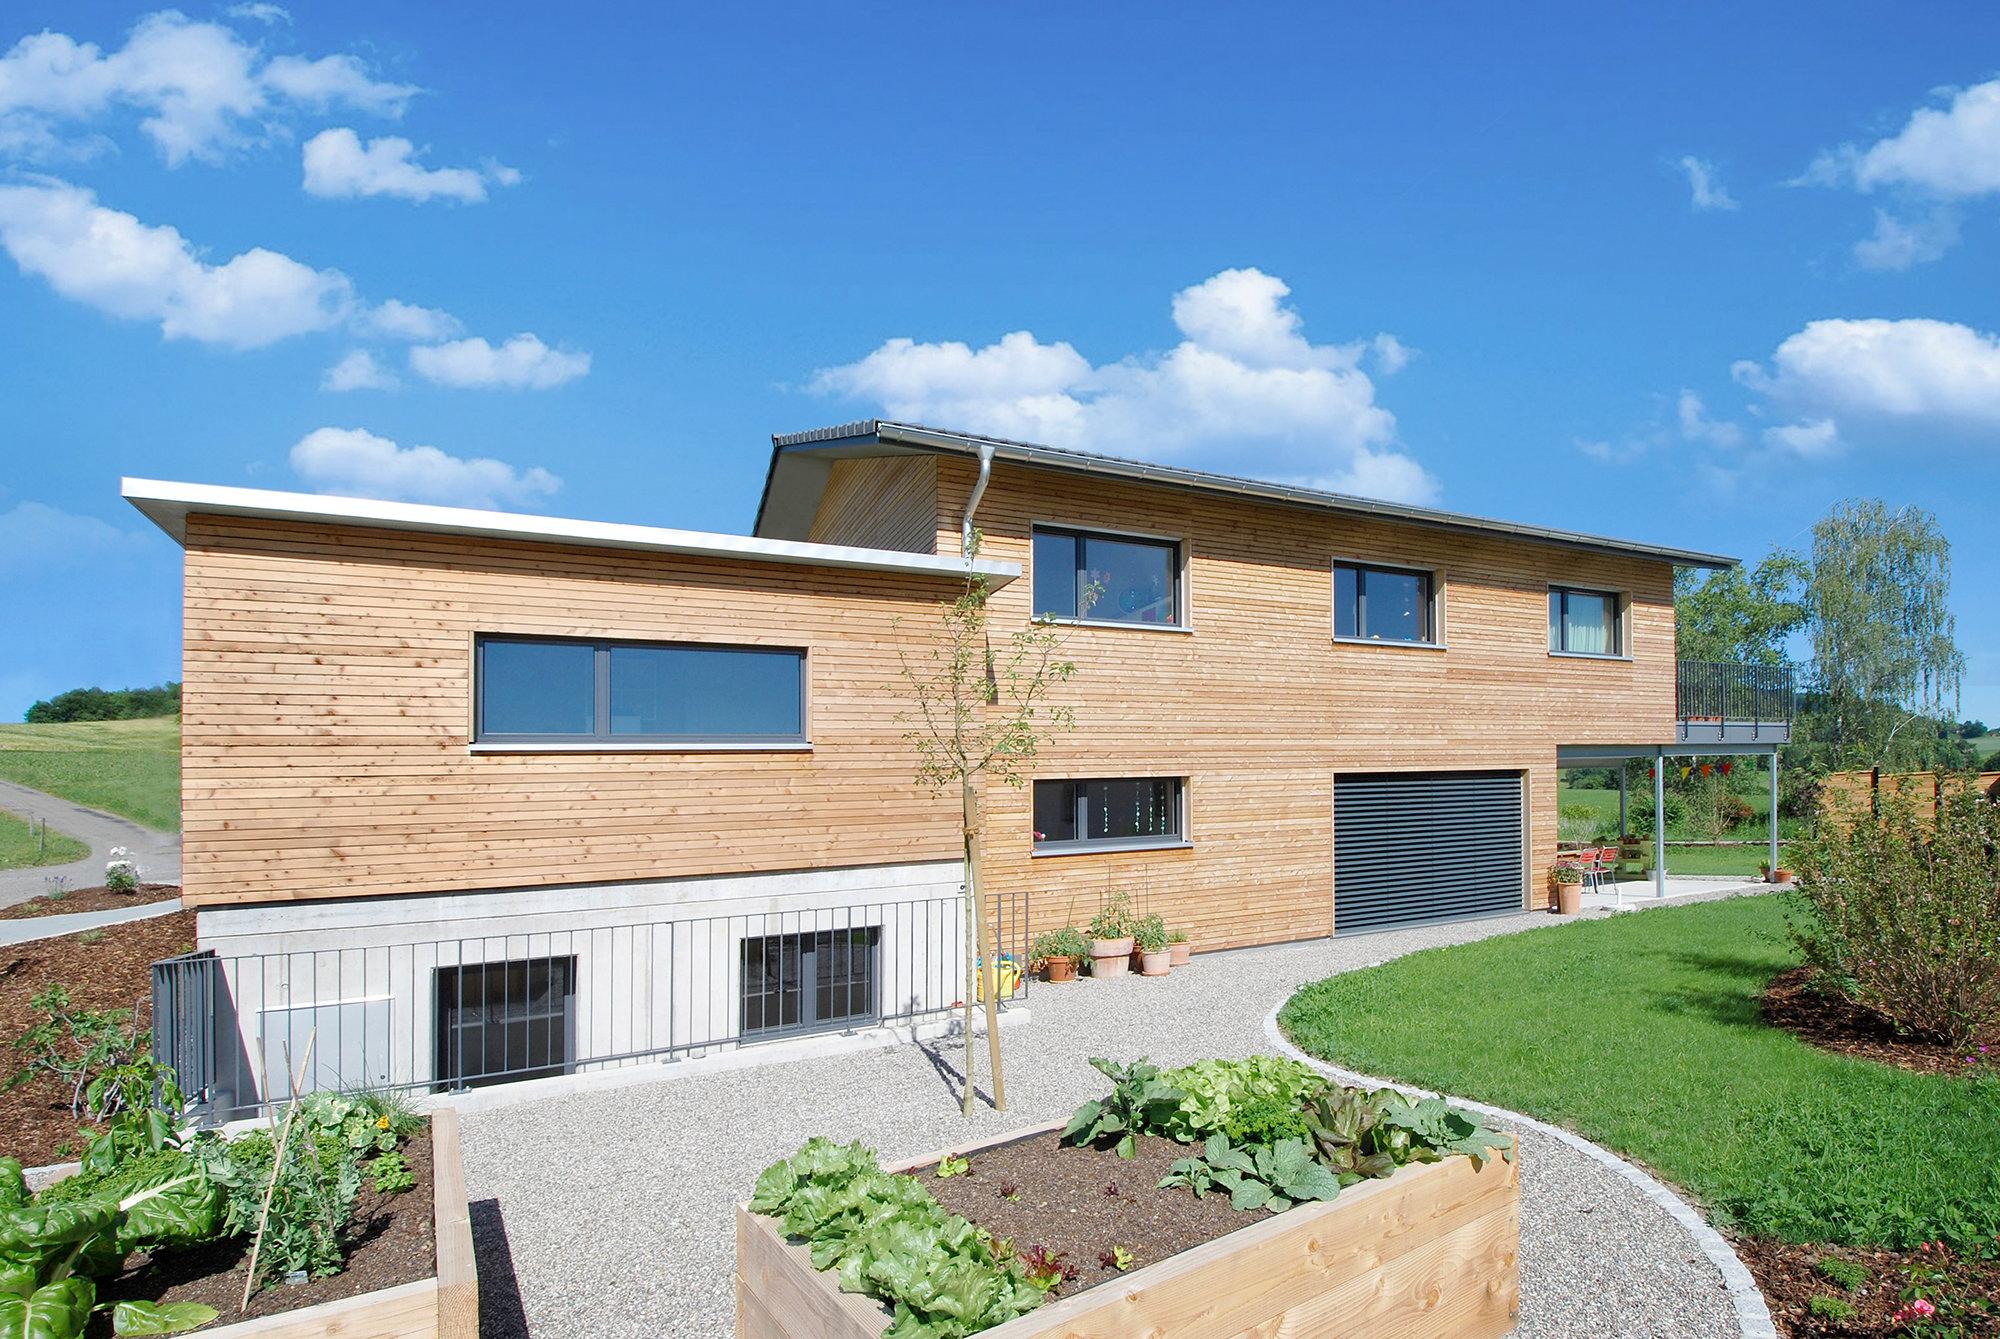 Einfamilienhaus in Holzelementbauweise mit Lärchenfassade